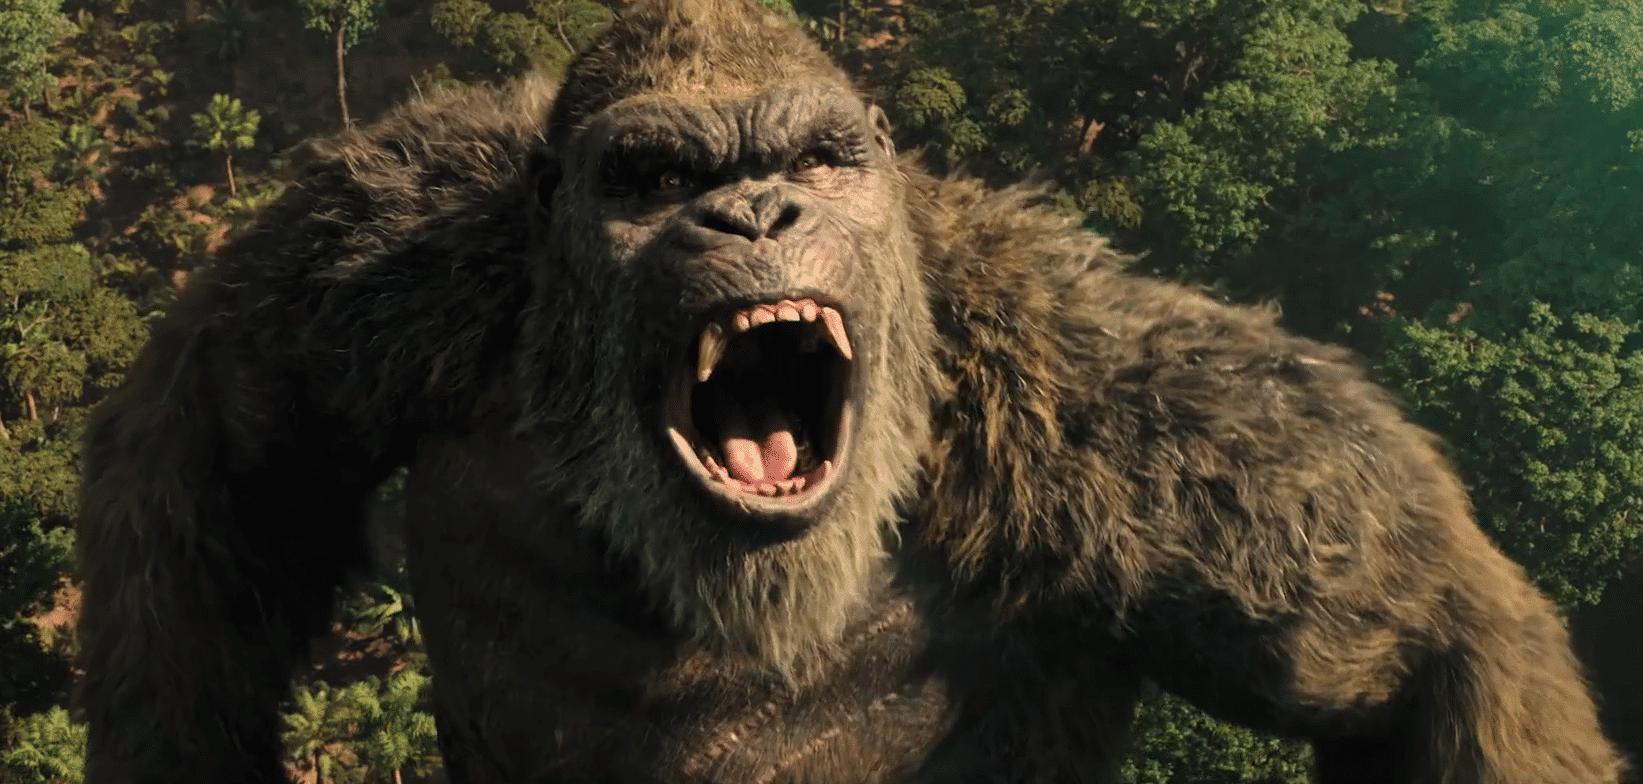 King Kong from Godzilla vs. King Kong